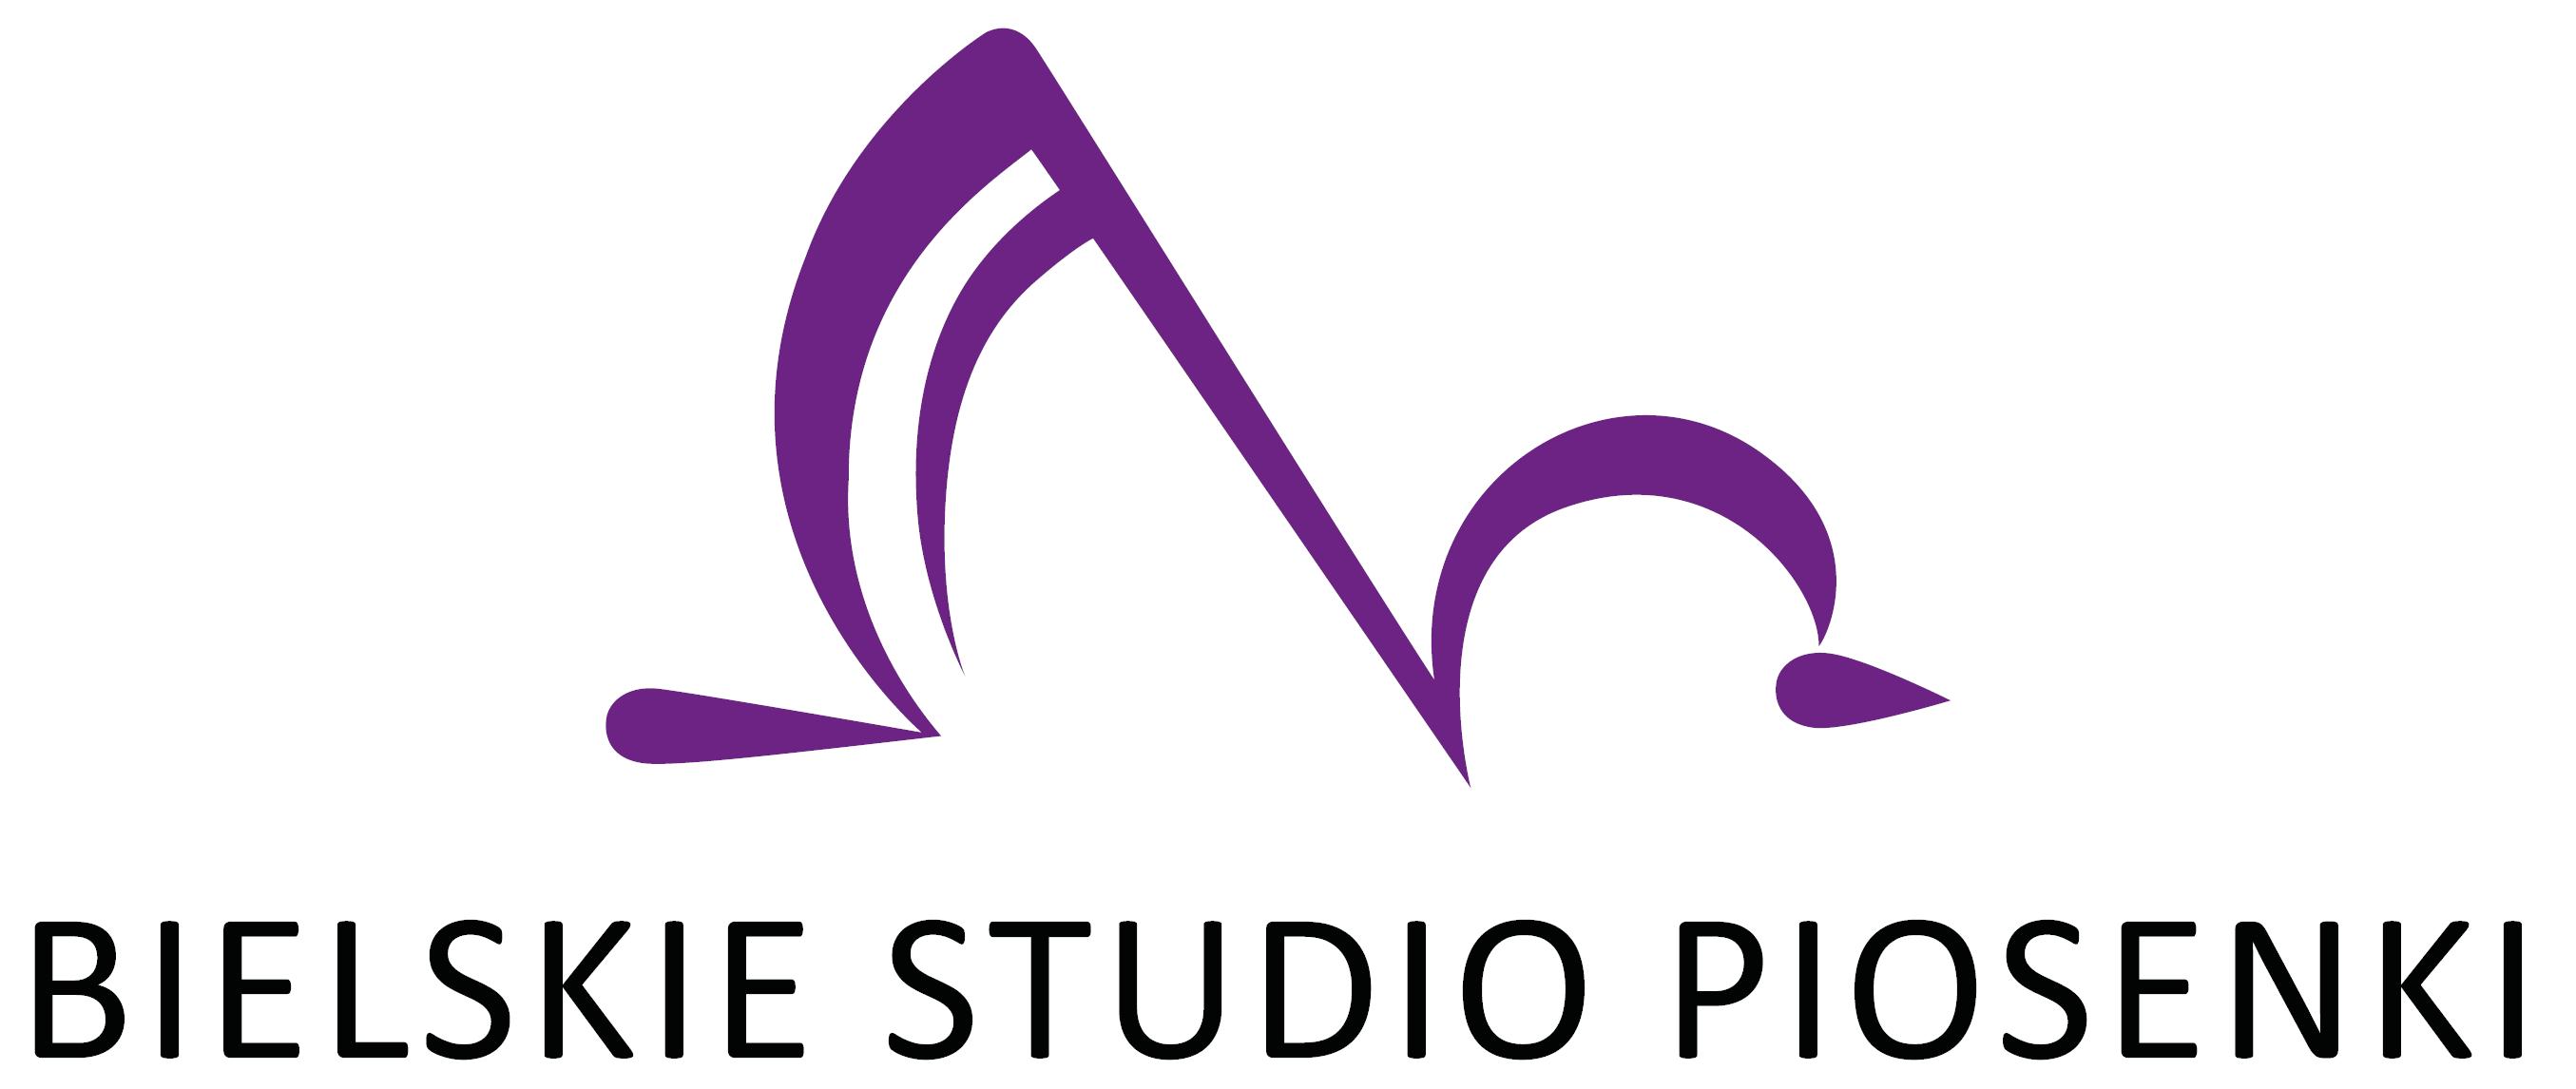 StudioPiosenki.com – Szkoła śpiewu Bielsko-Biała